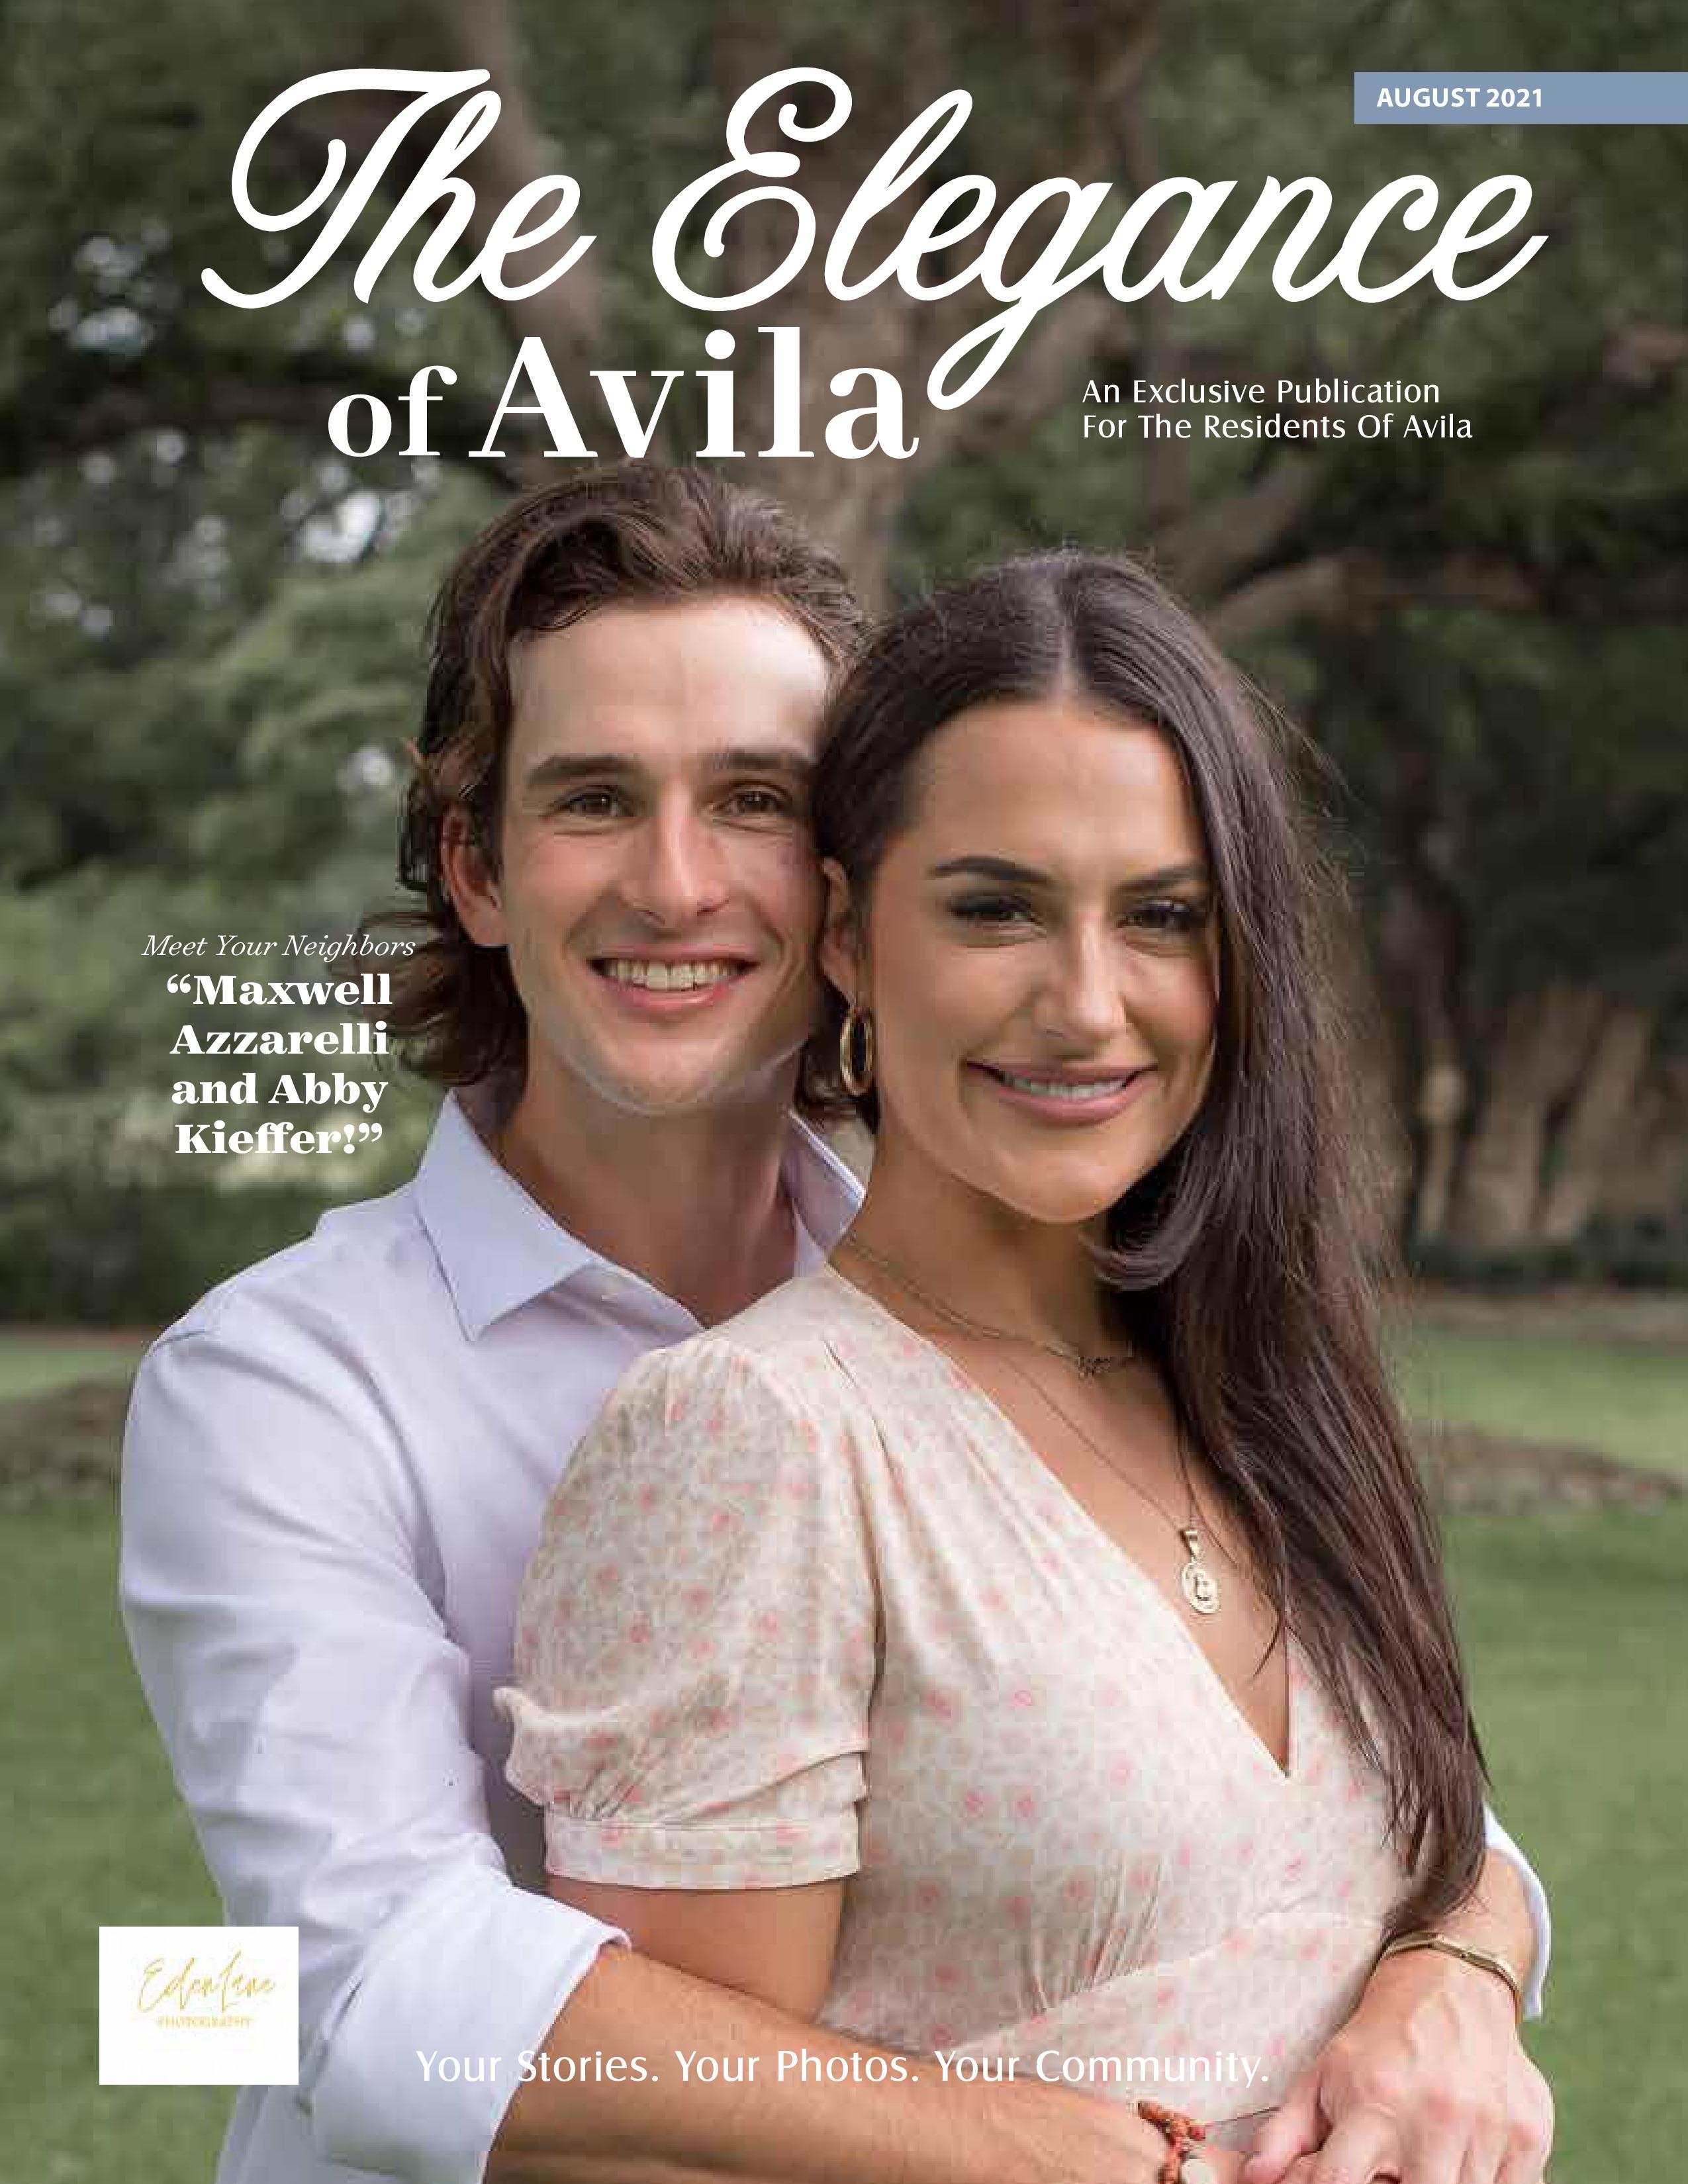 The Elegance of Avila 2021-08-01